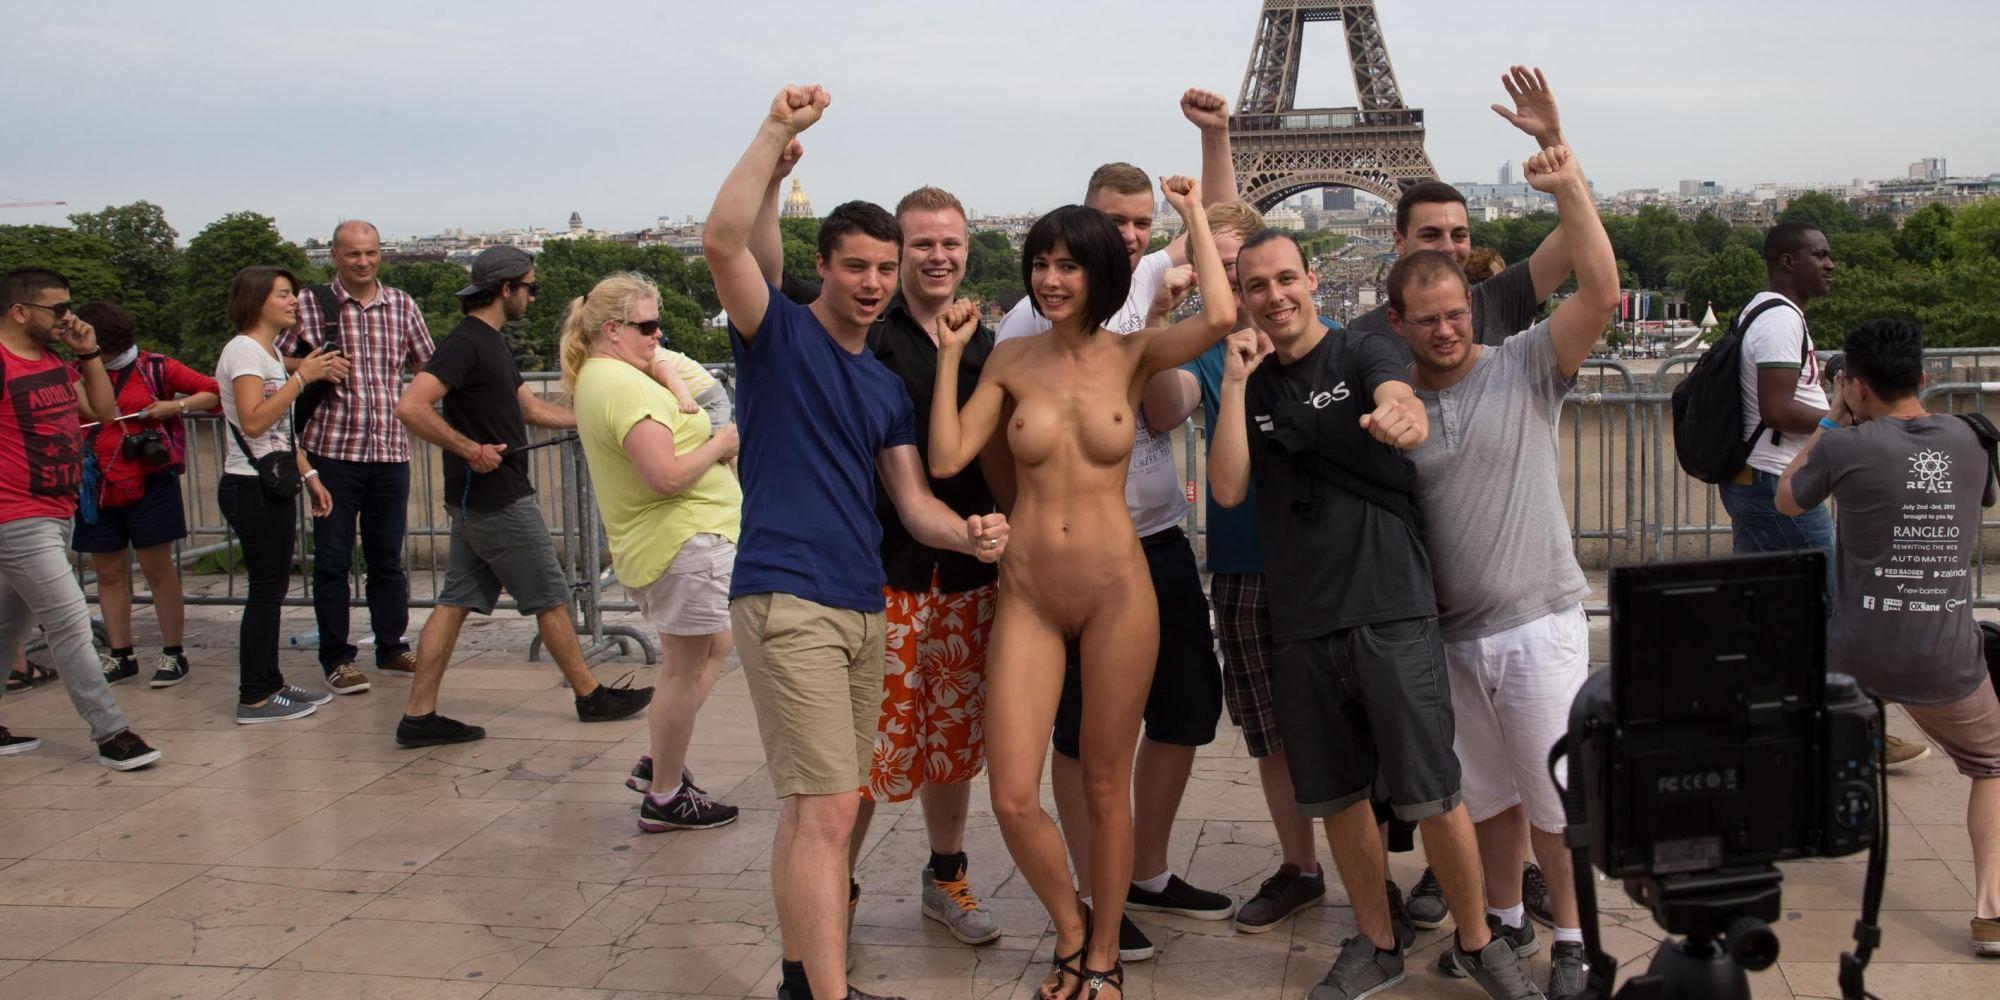 Снимают порно в париже 4 фотография